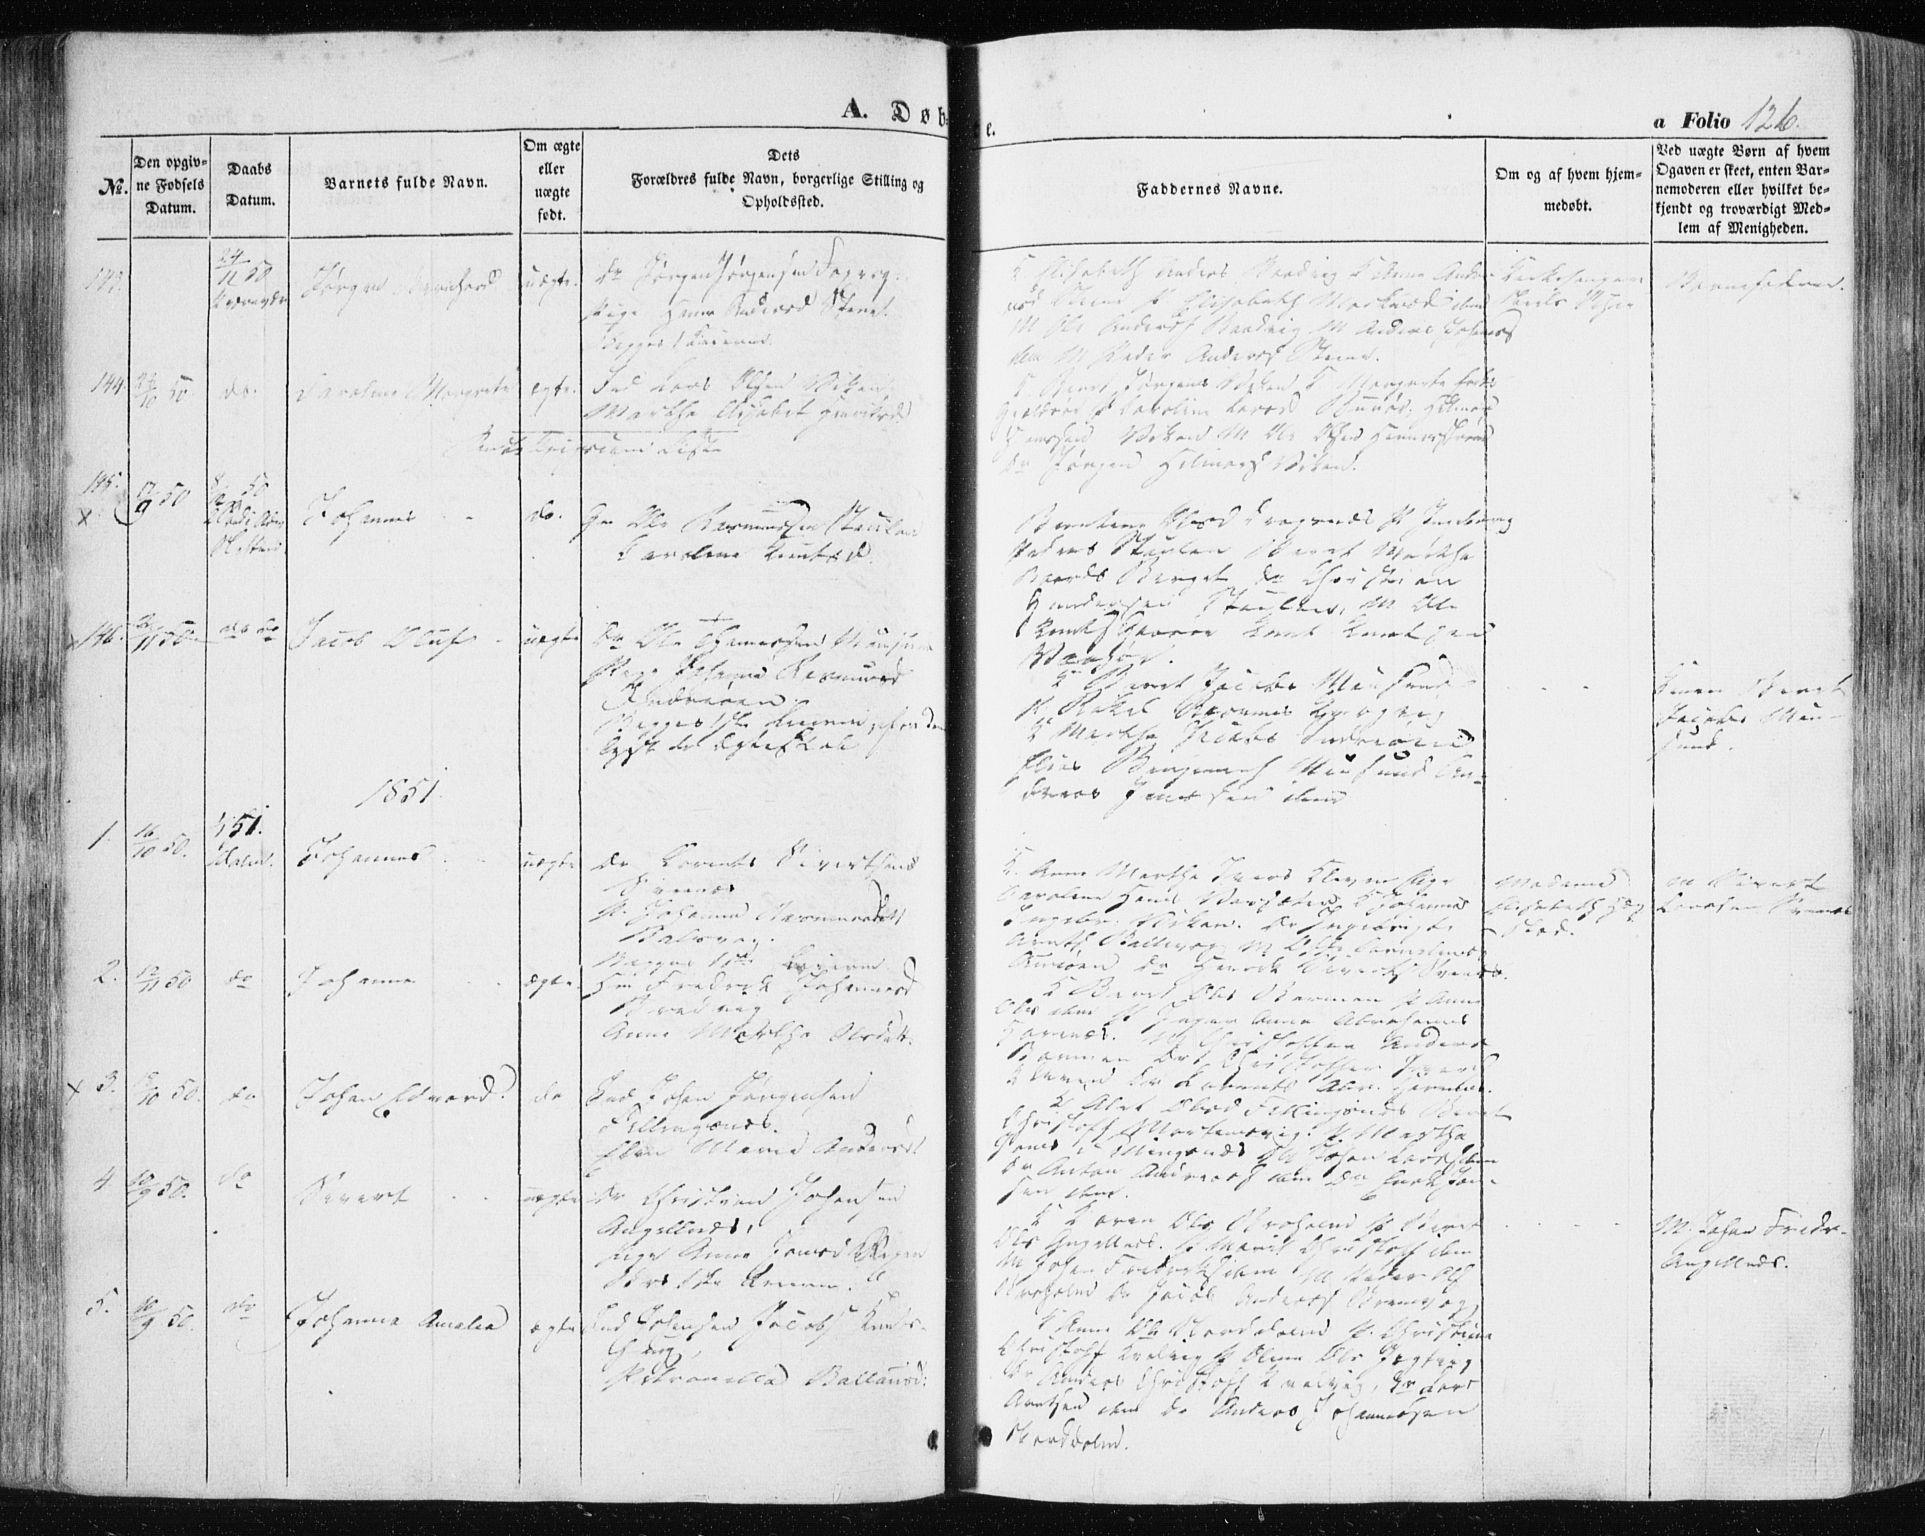 SAT, Ministerialprotokoller, klokkerbøker og fødselsregistre - Sør-Trøndelag, 634/L0529: Ministerialbok nr. 634A05, 1843-1851, s. 126